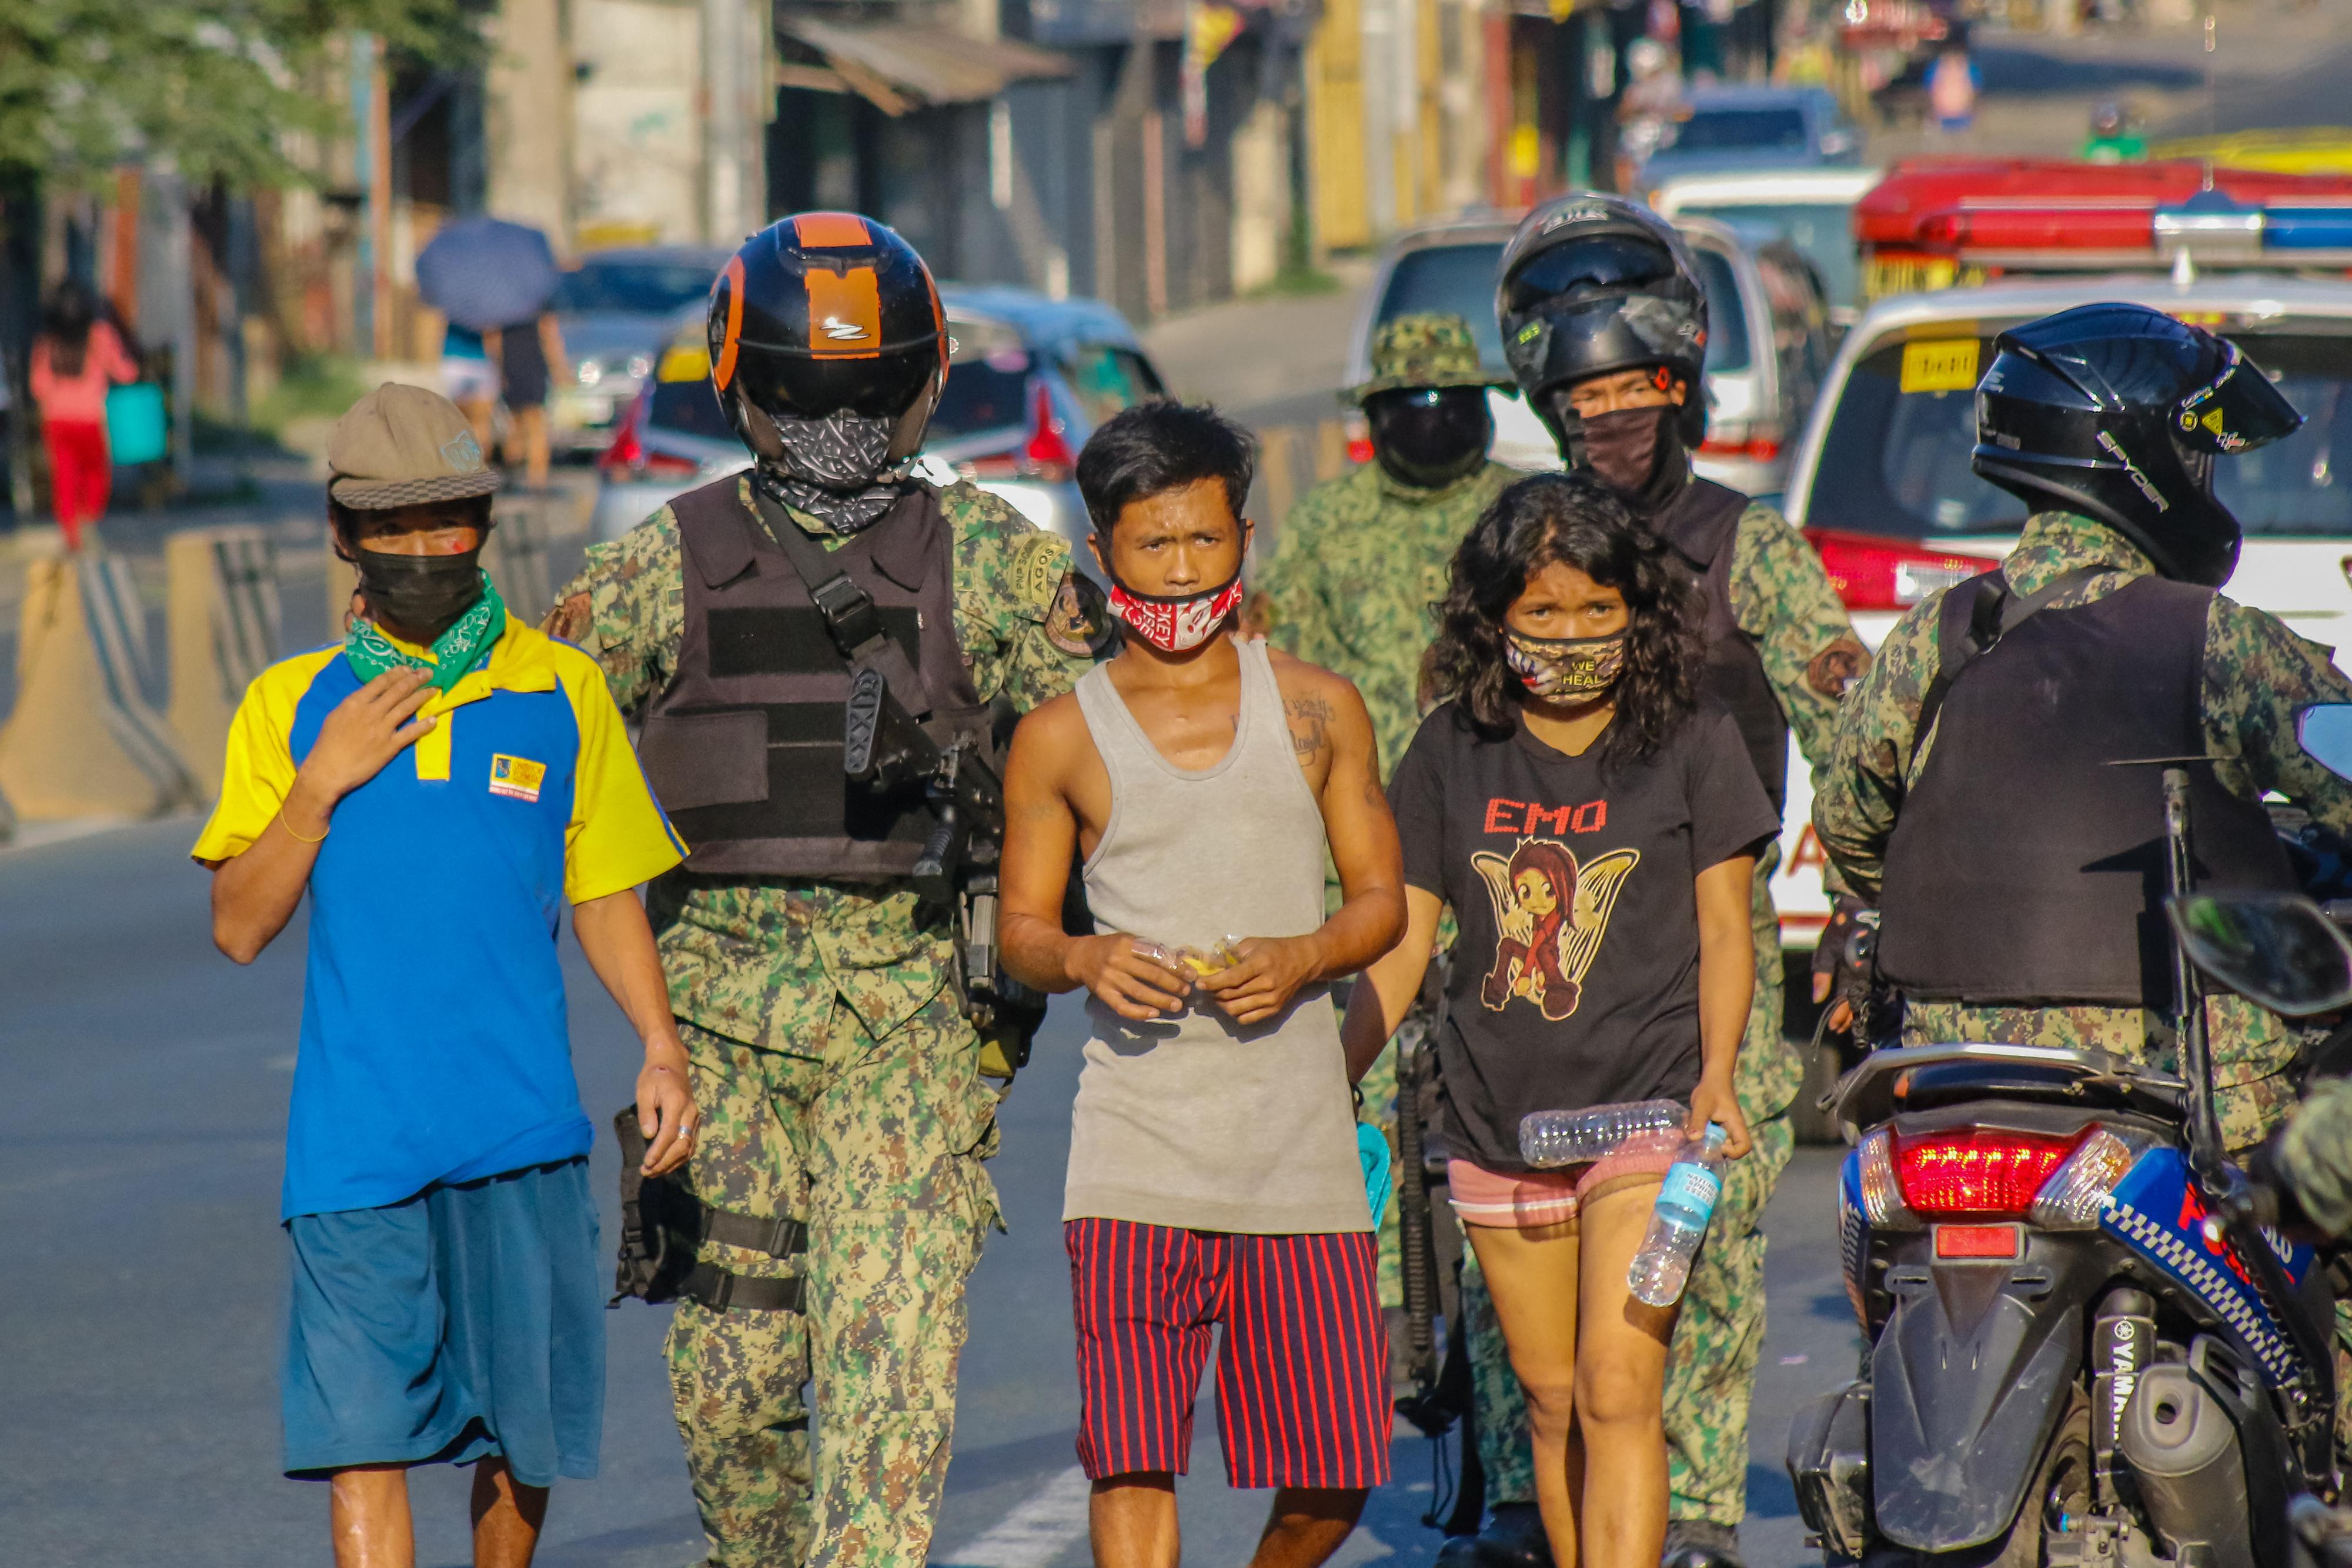 Megszegte a kijárási tilalmat, emiatt 300 guggolásra kényszerítették, amibe belehalt a Fülöp-szigeteki férfi